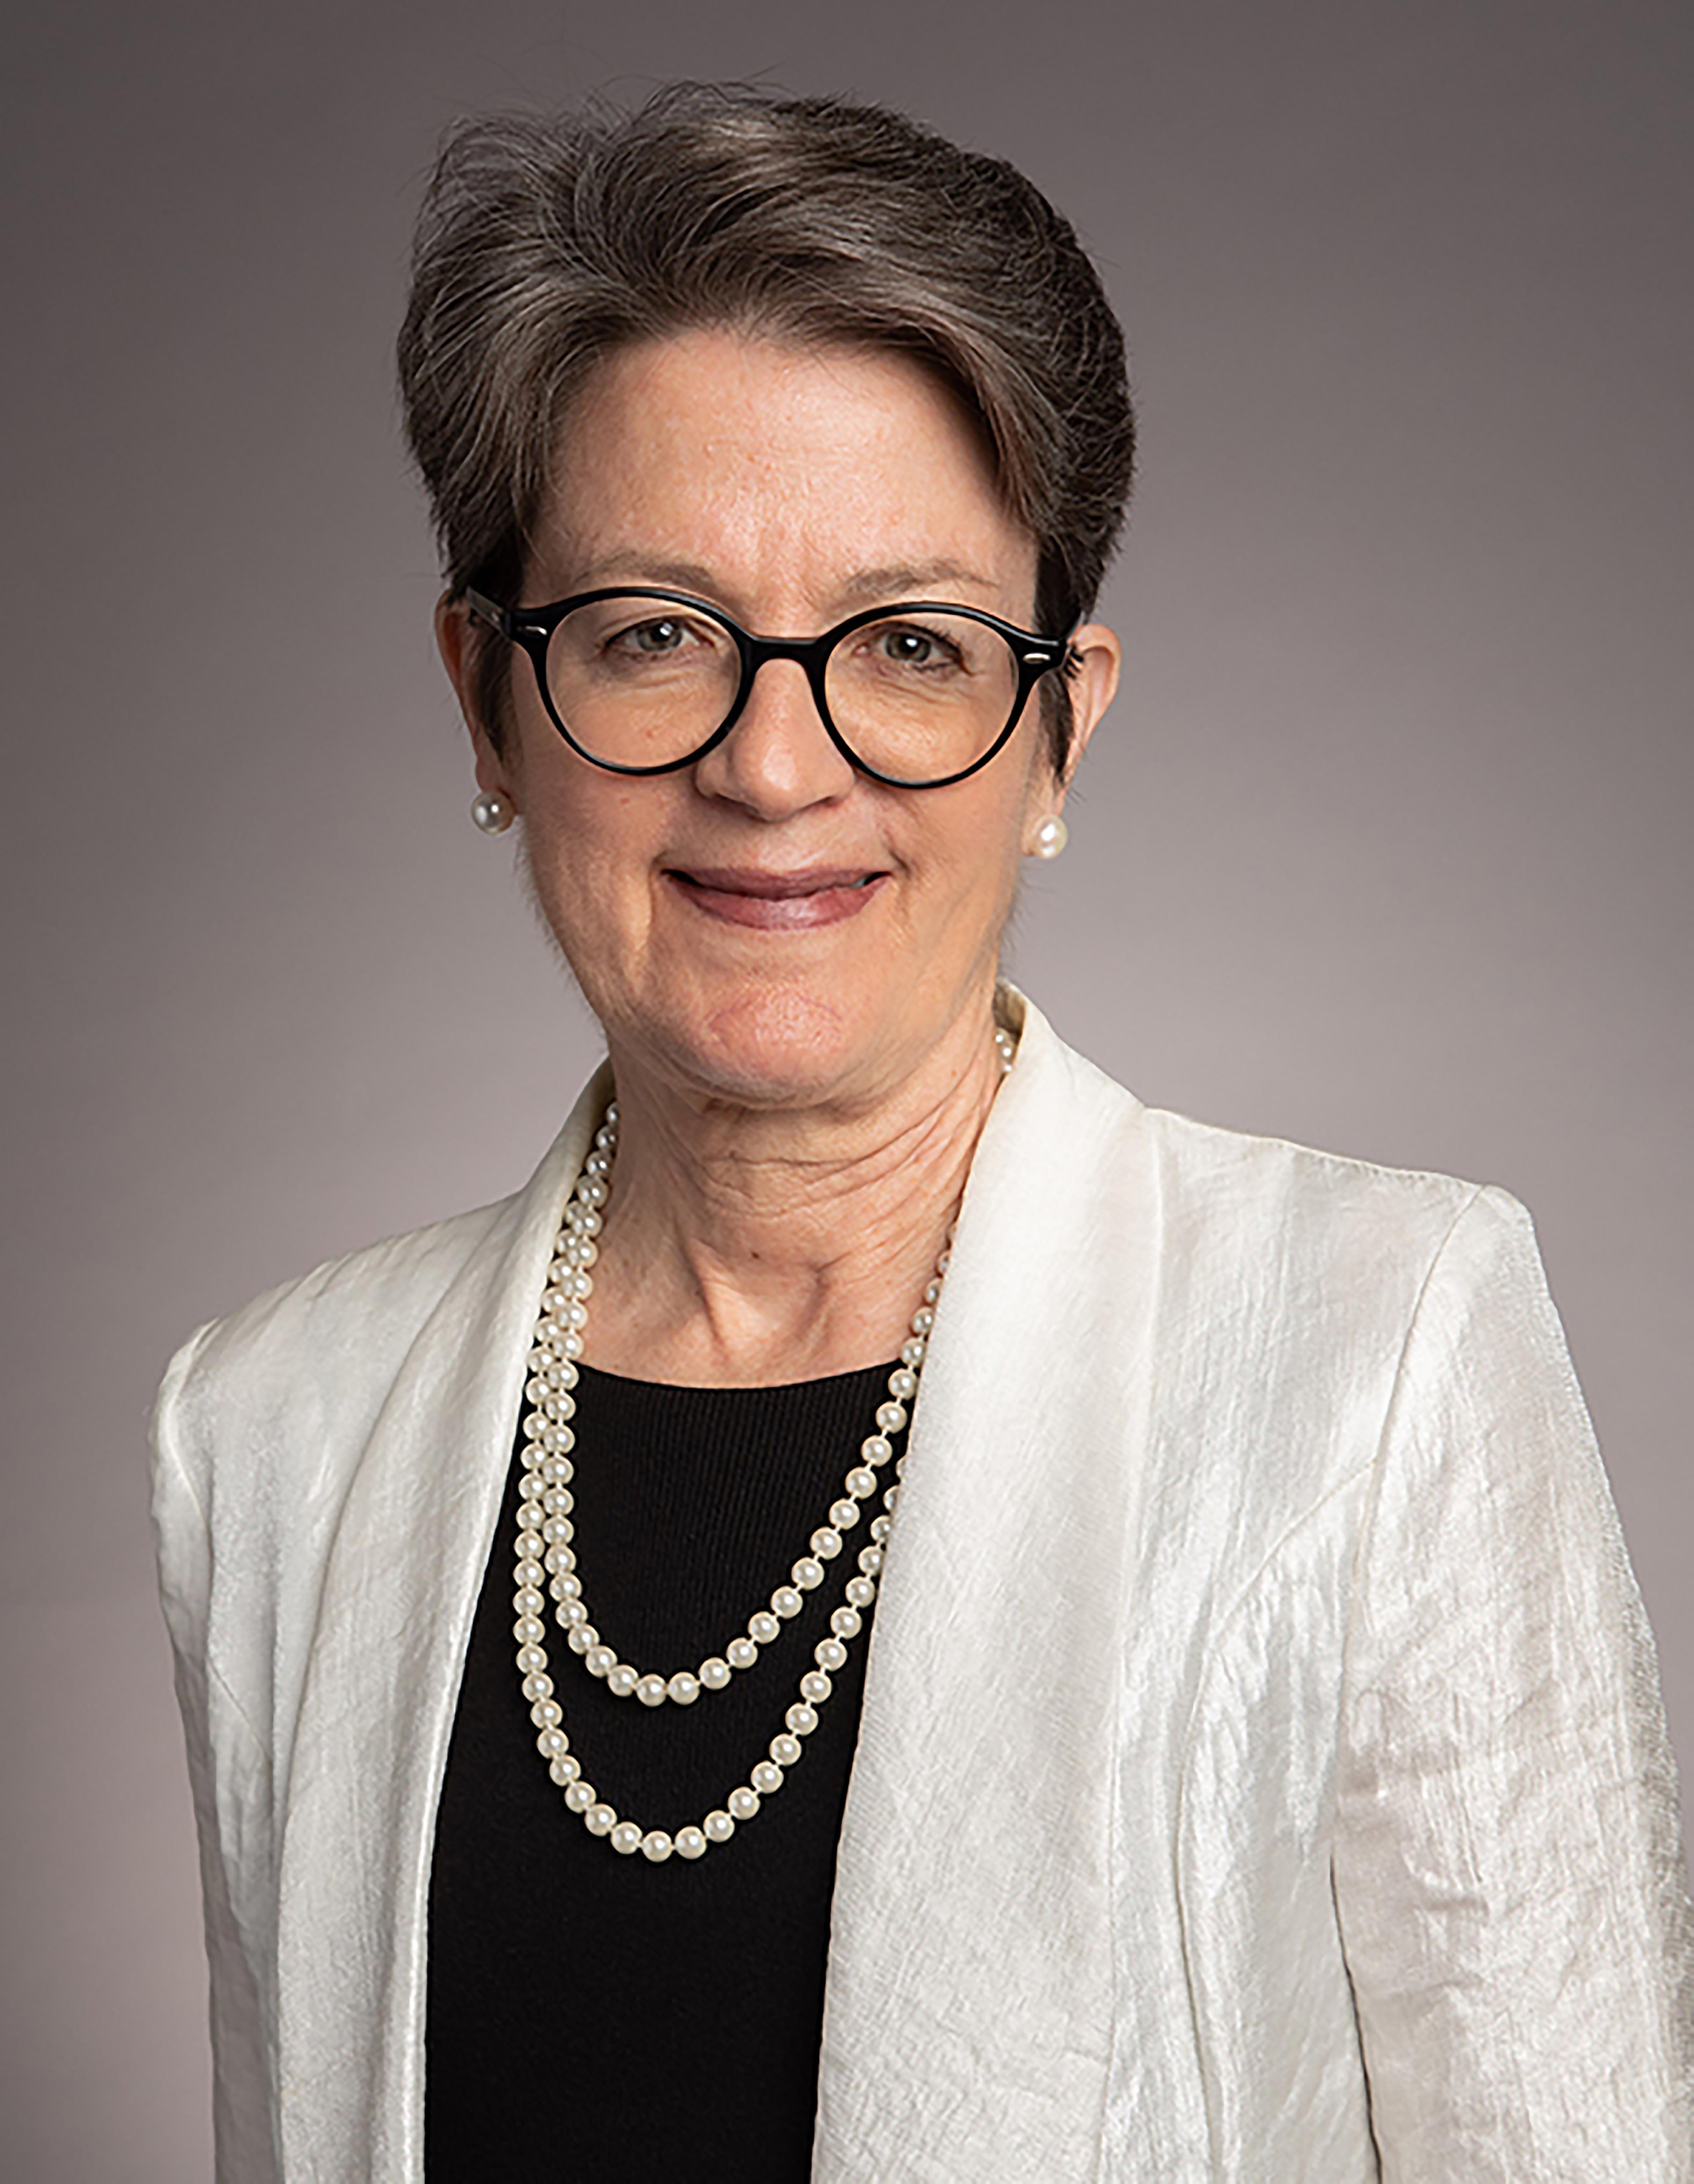 La Obispa Sally Dyck, co-líder episcopal de la Junta Directiva del PNMH y líder de la Conferencia Anual del Norte de Illinois. Foto cortesía de la Conferencia Anual del Norte de Illinois.